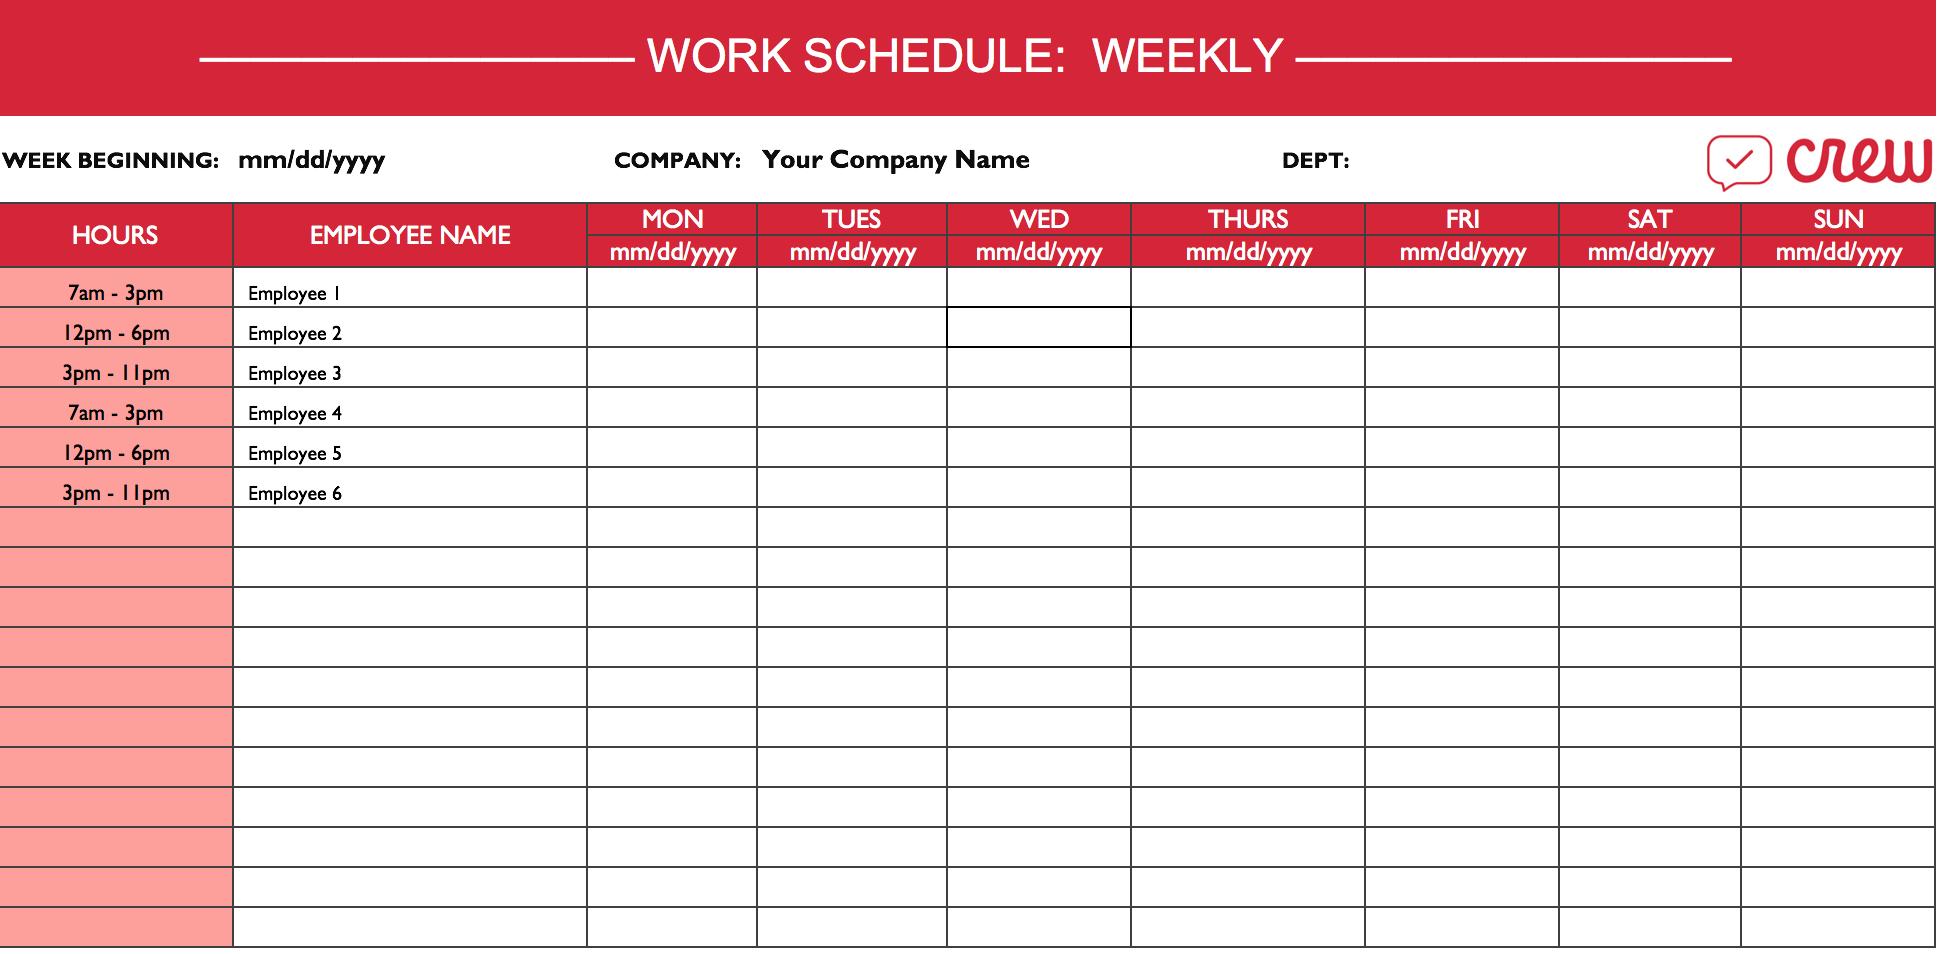 Spreadsheet Work Schedule Template Throughout Employee Schedule Excel Spreadsheet Templates Beautiful Free Work